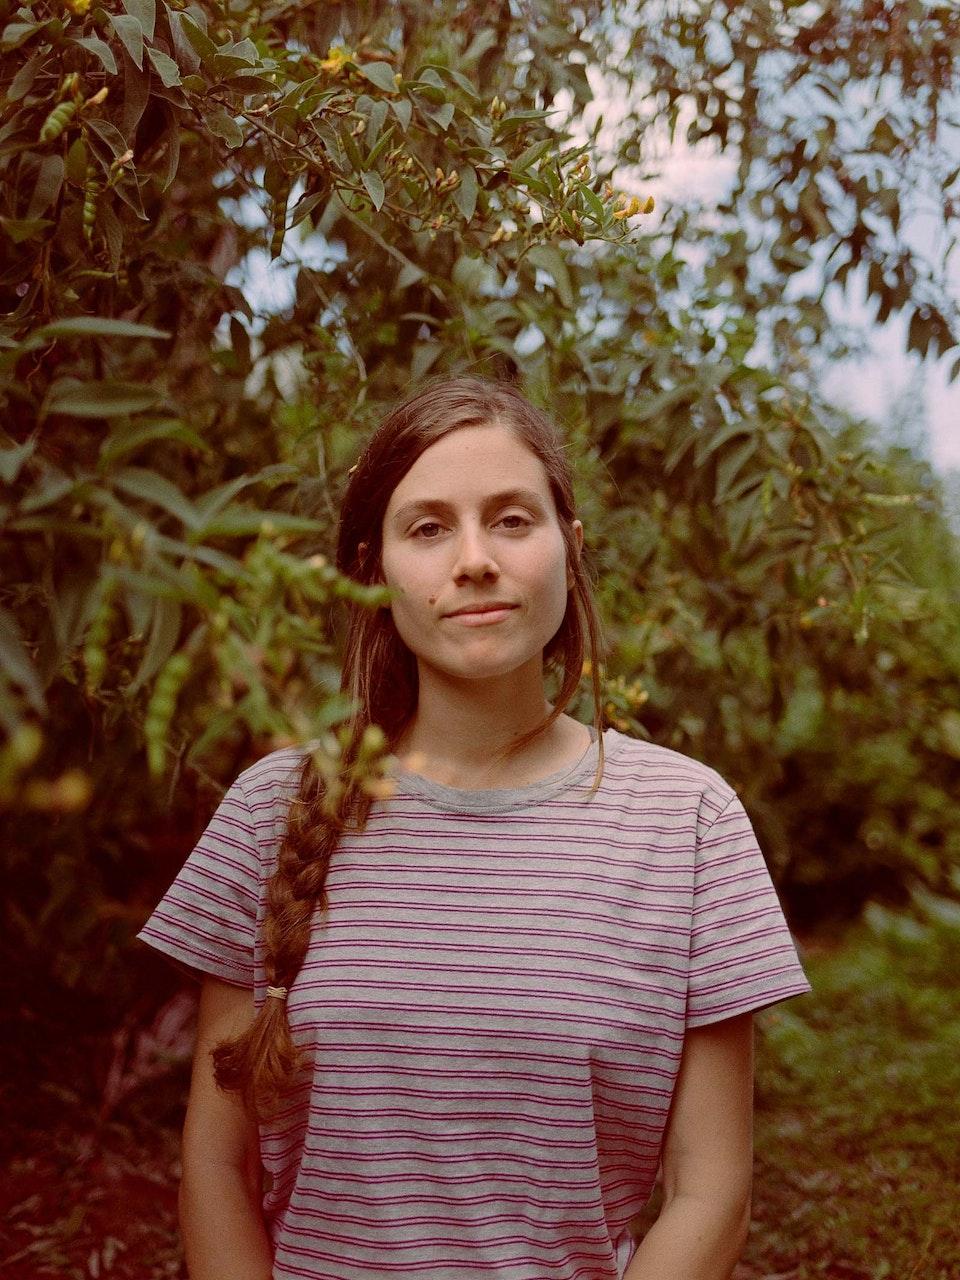 Las Jíbaras Documentary Photography